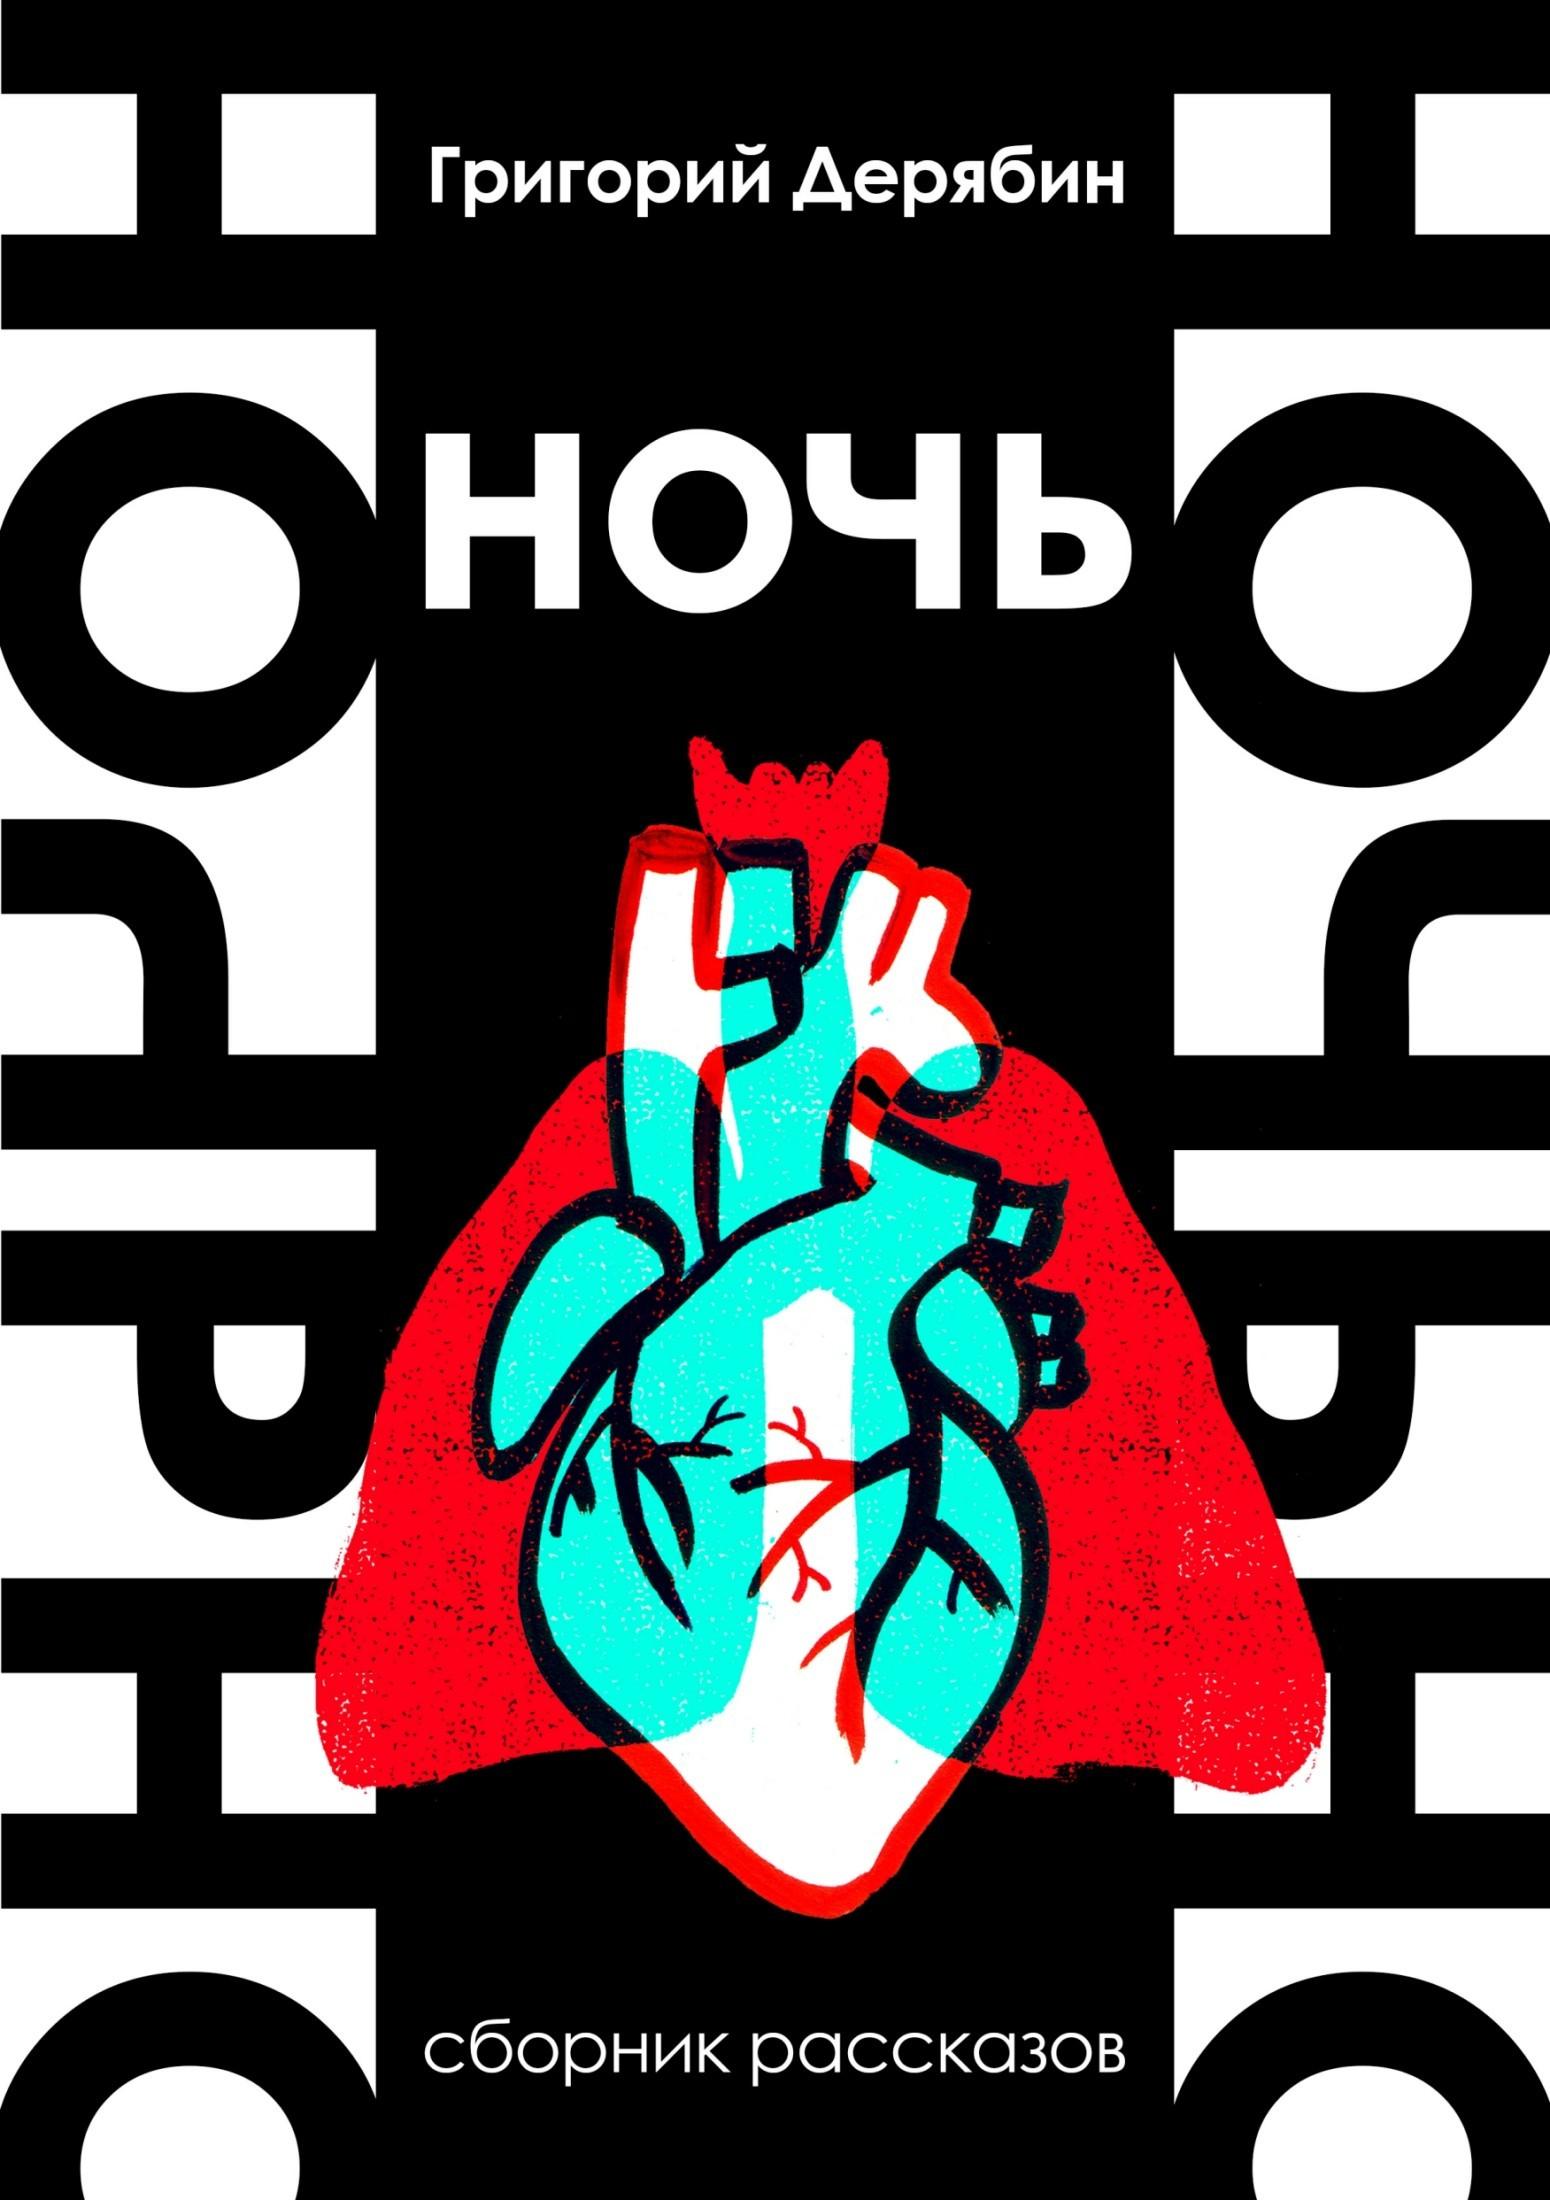 Григорий Дерябин бесплатно